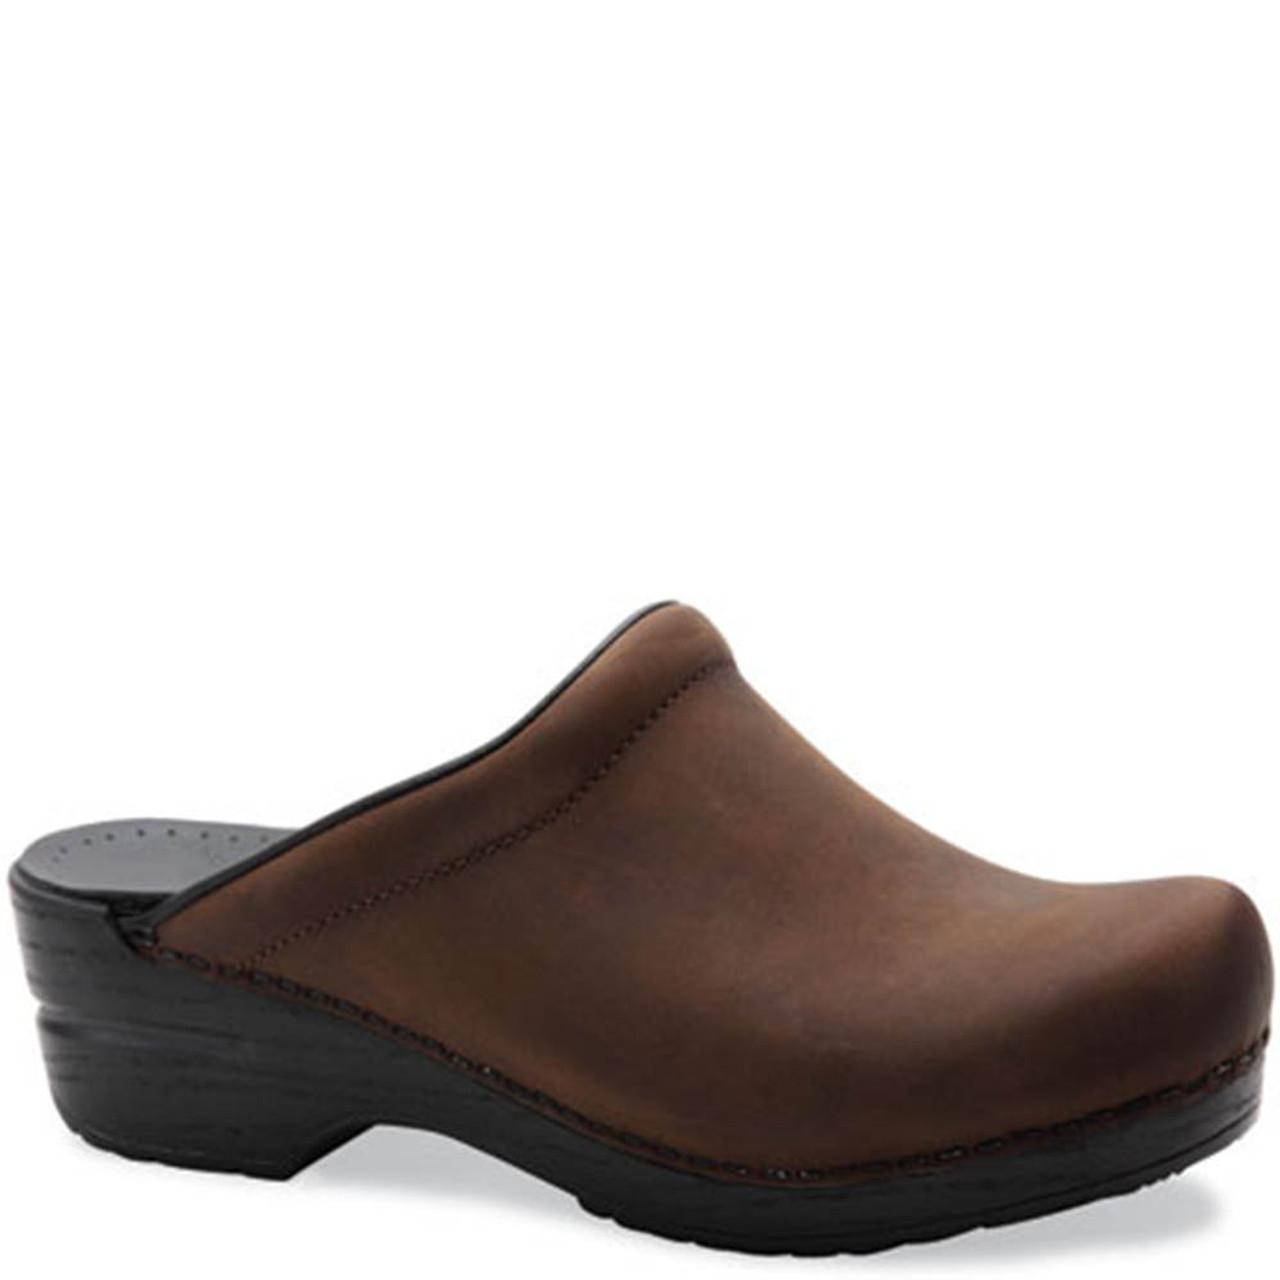 Dansko Shoes Sonja Clog Brown Oiled